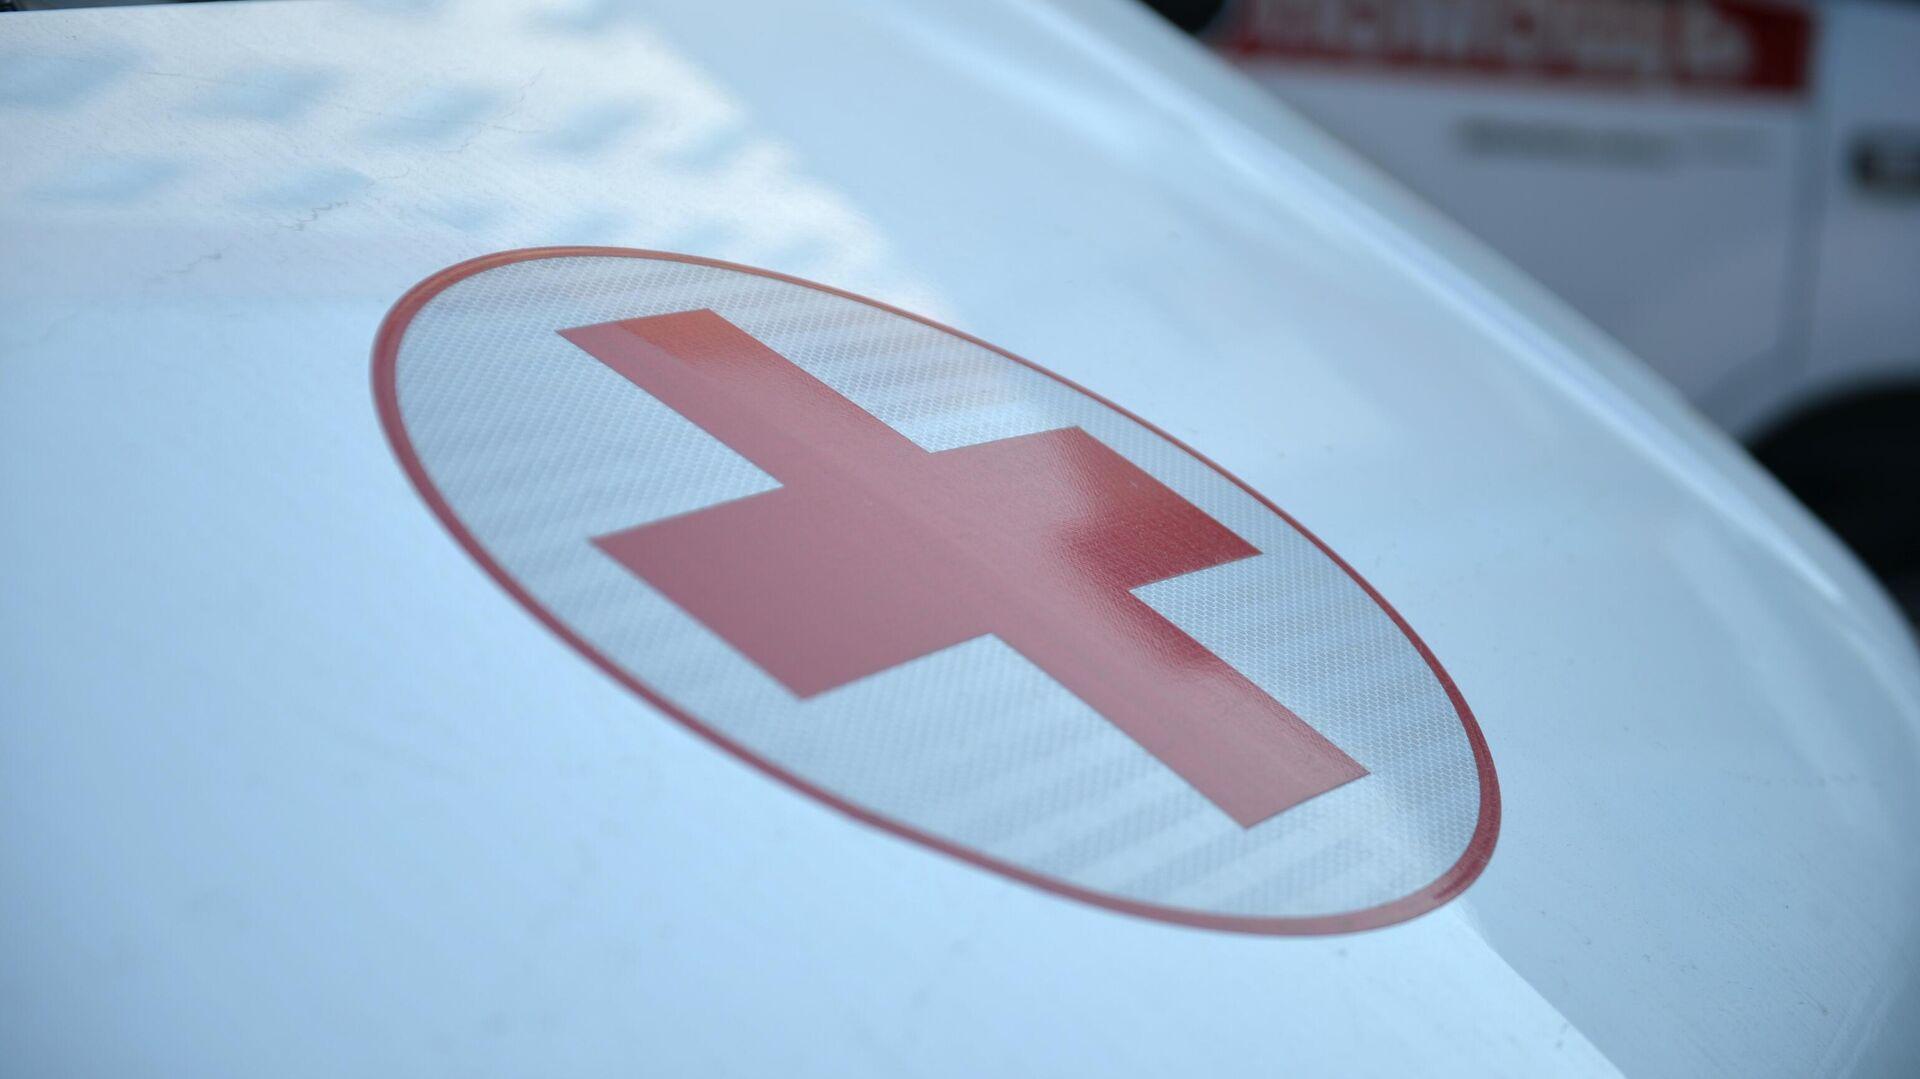 Красный крест на автомобиле скорой медицинской помощи в Свердловской области - РИА Новости, 1920, 09.01.2021